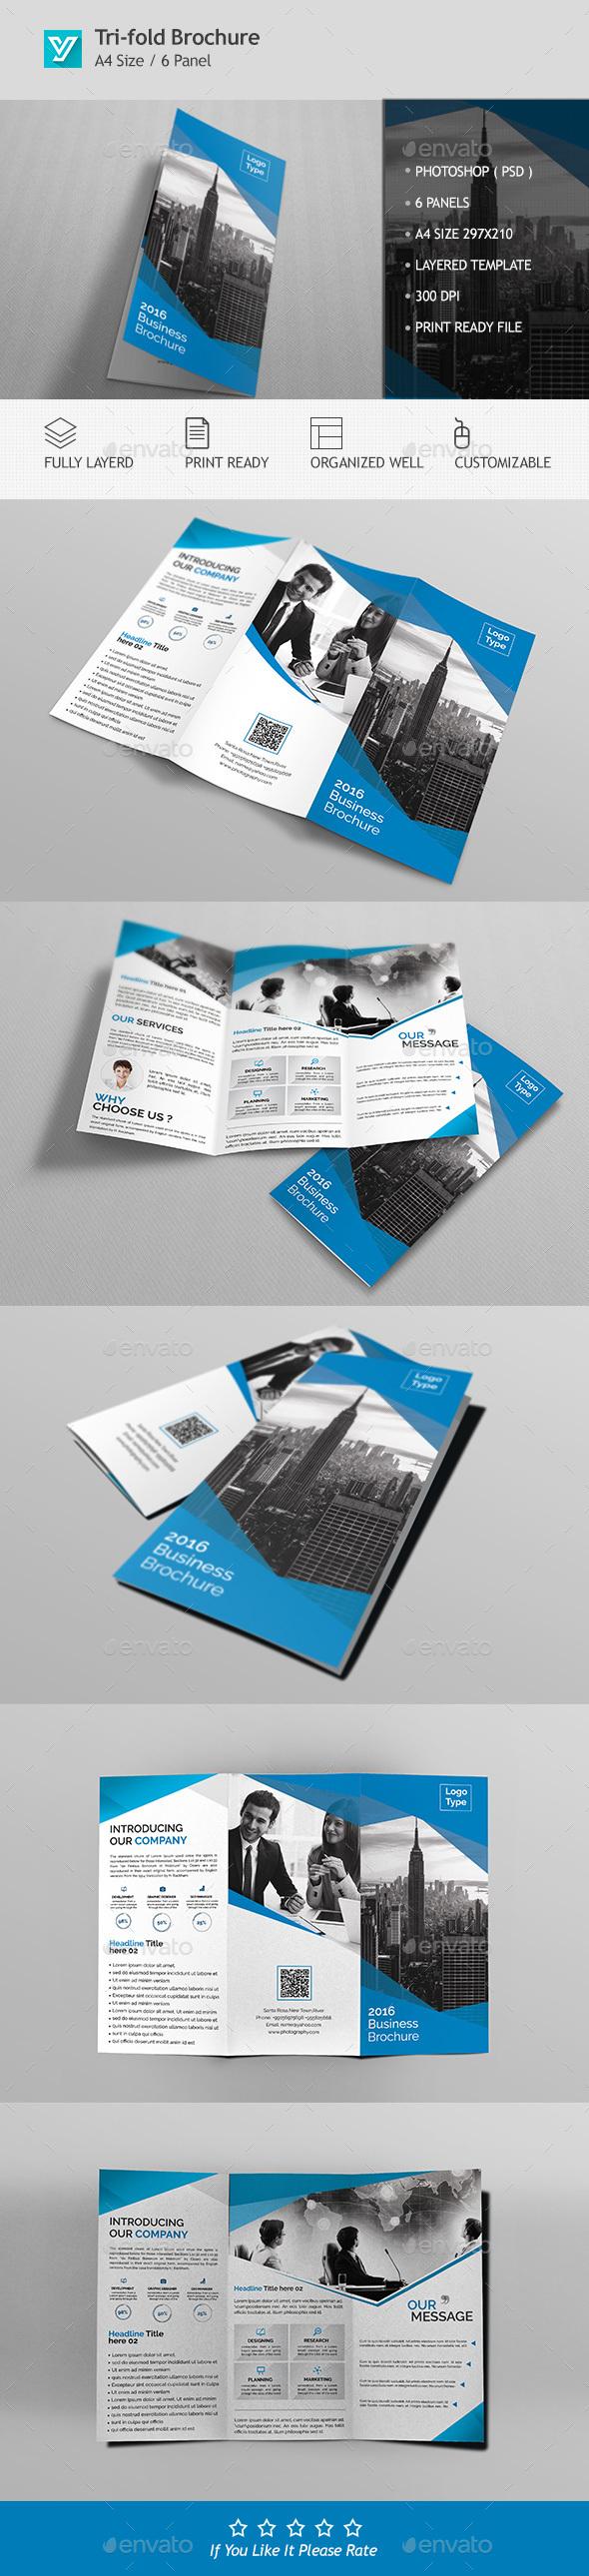 Corporate Tri-fold Brochure Template 05 - Corporate Brochures